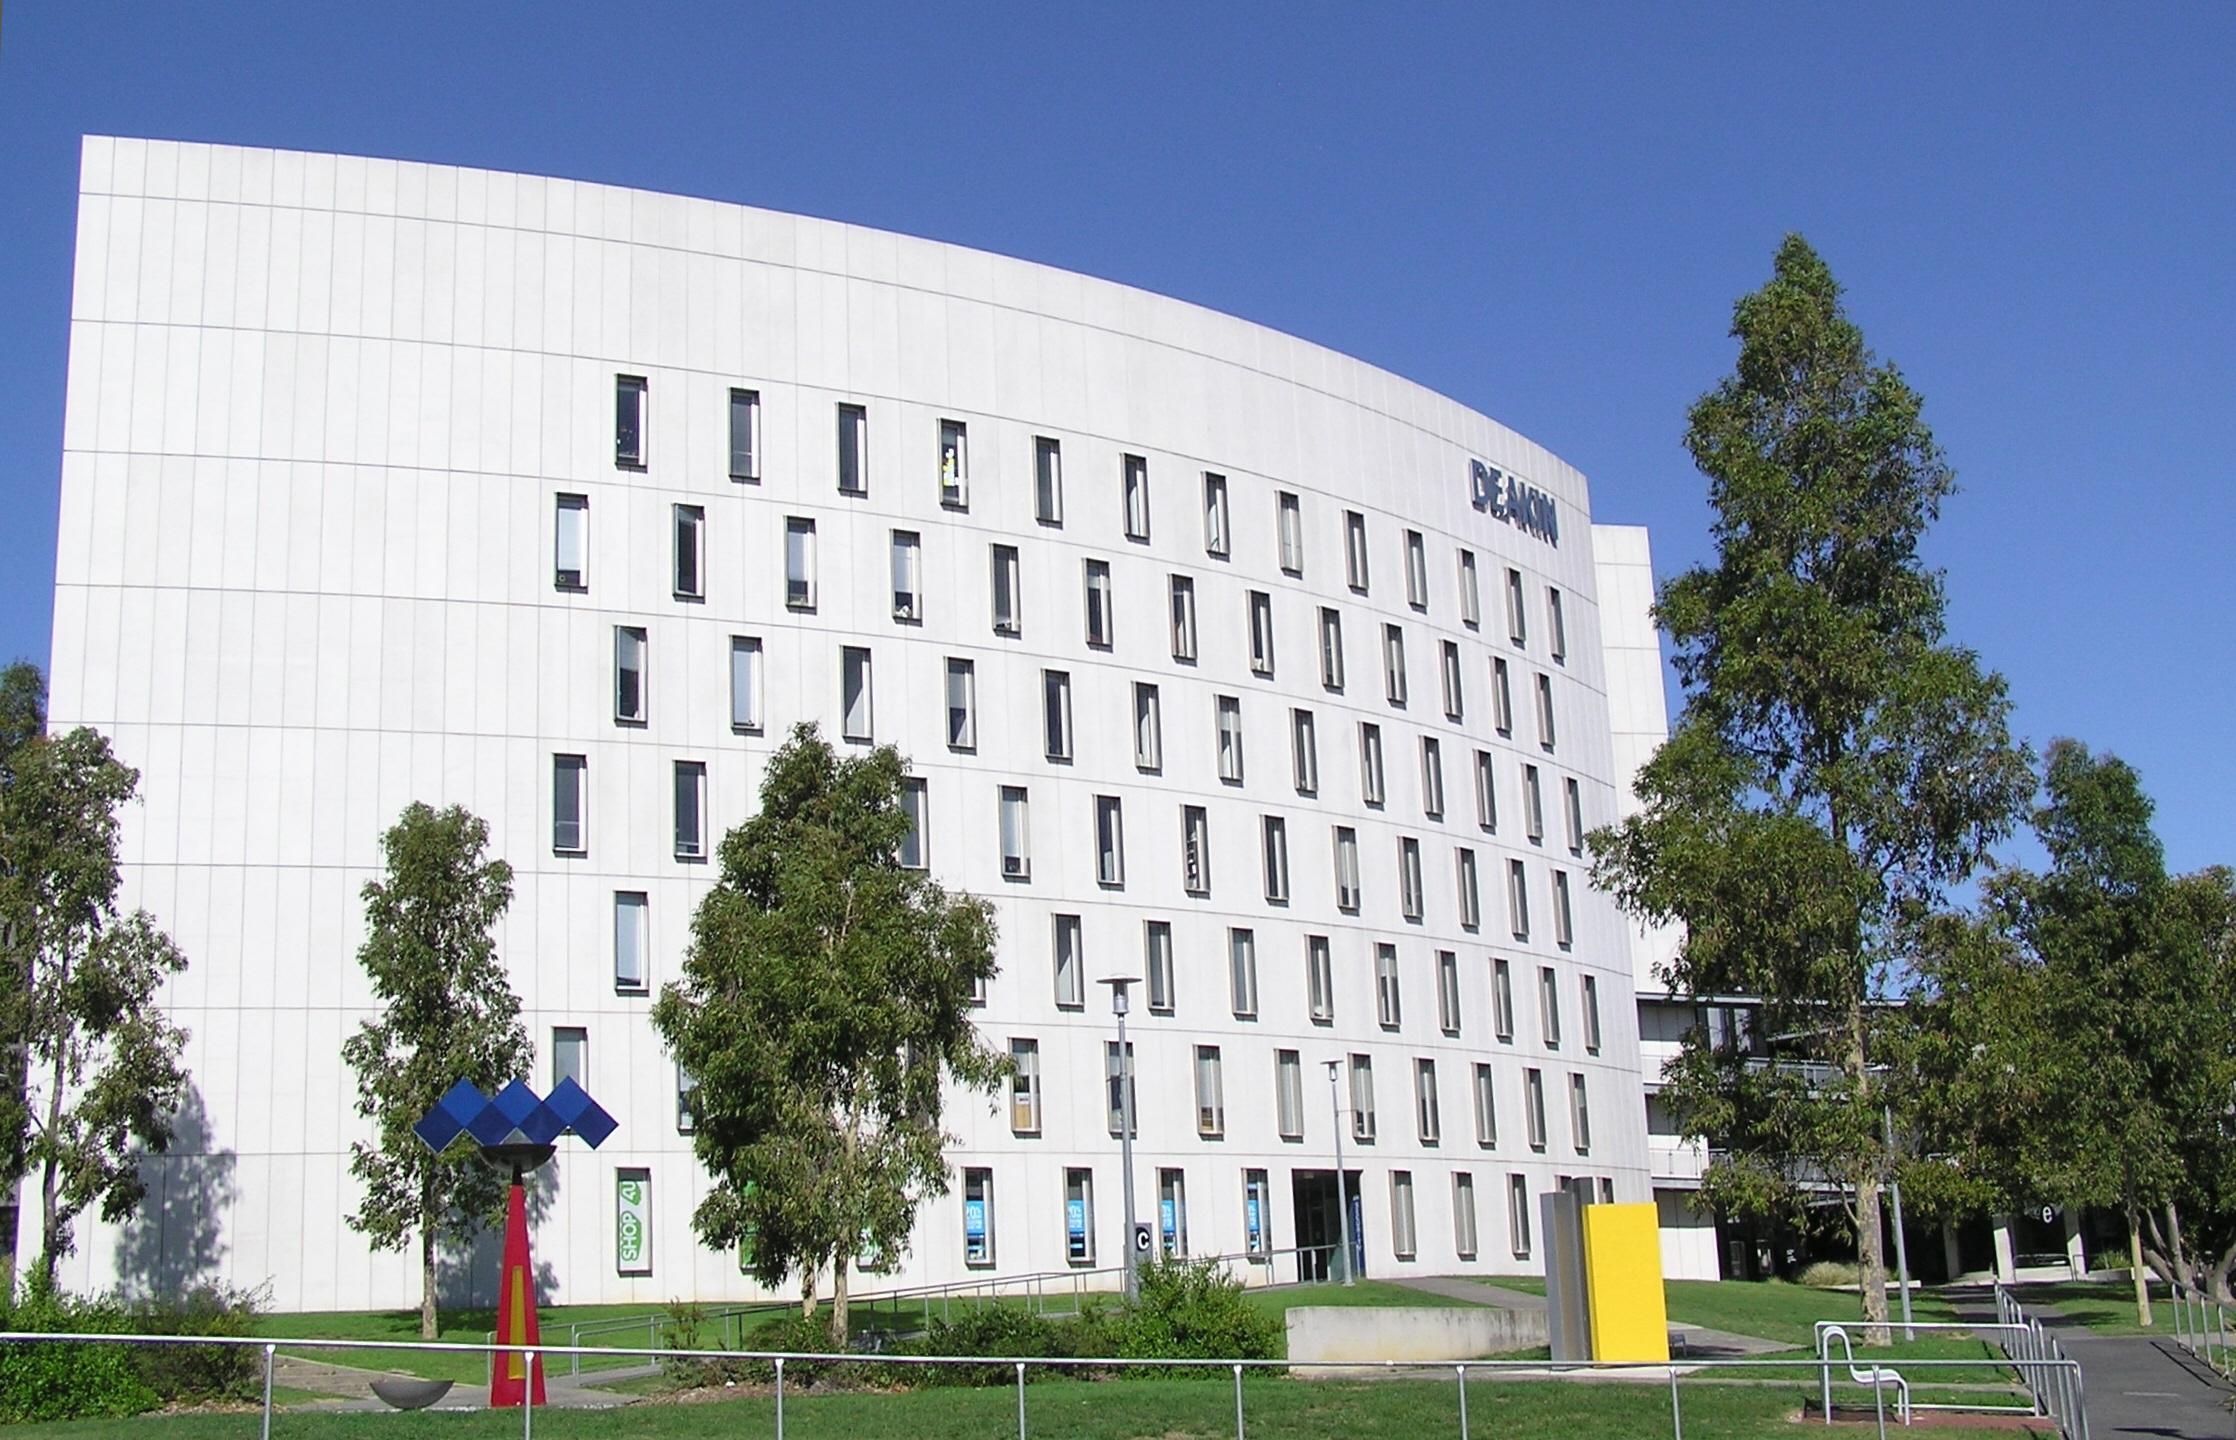 Kết quả hình ảnh cho deakin university